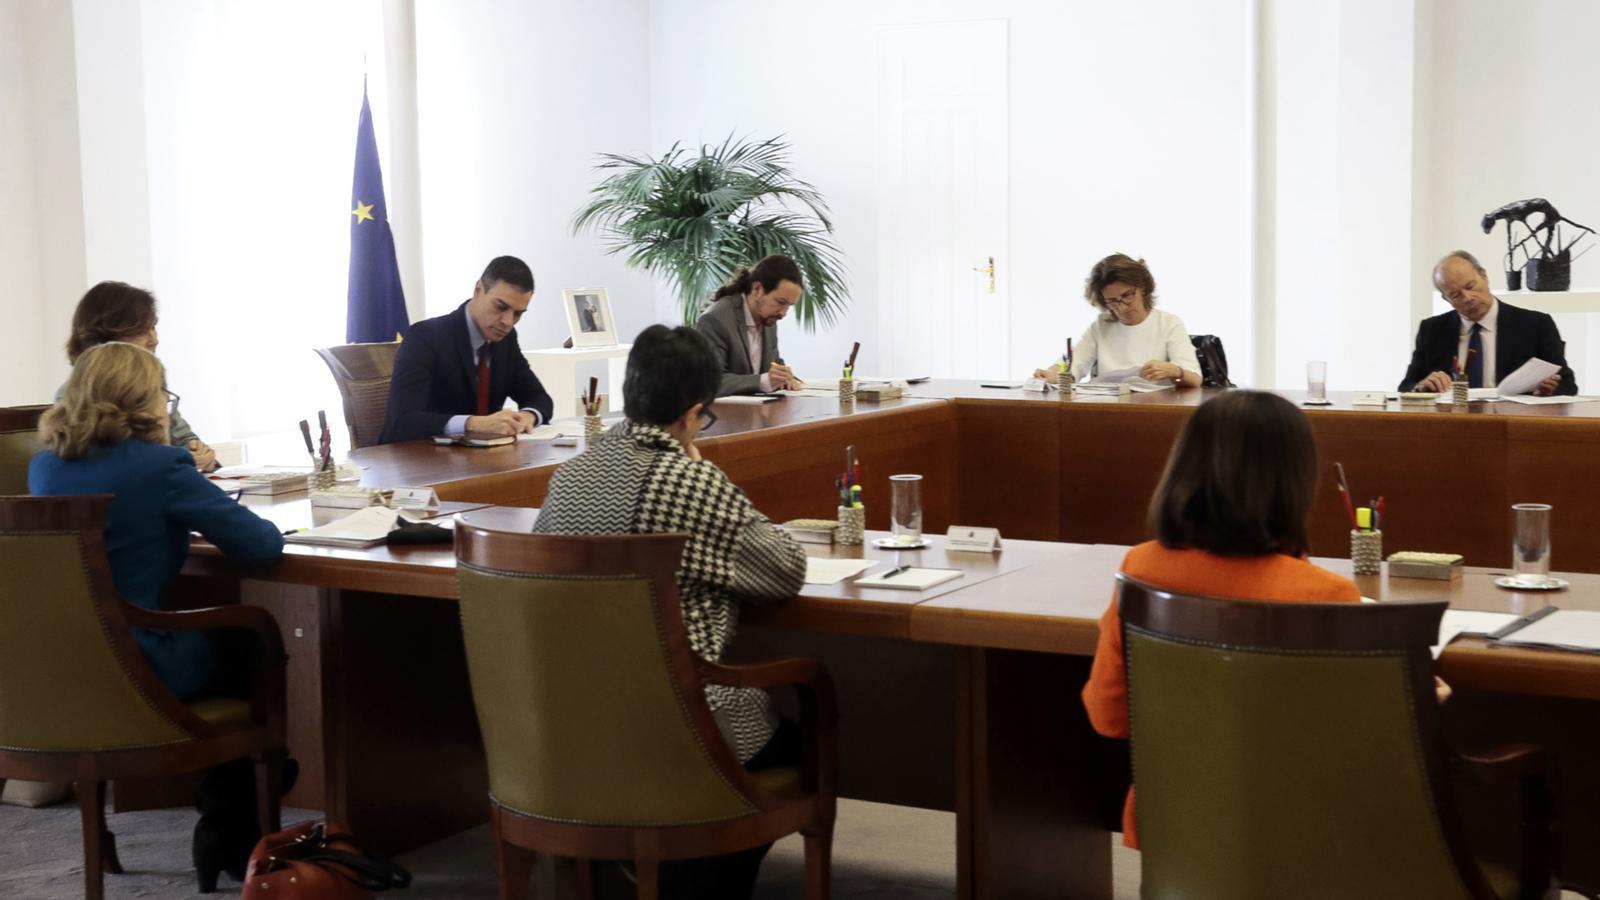 L'anàlisi d'Antoni Bassas: 'L'angoixa de Pedro Sánchez i el confinament'